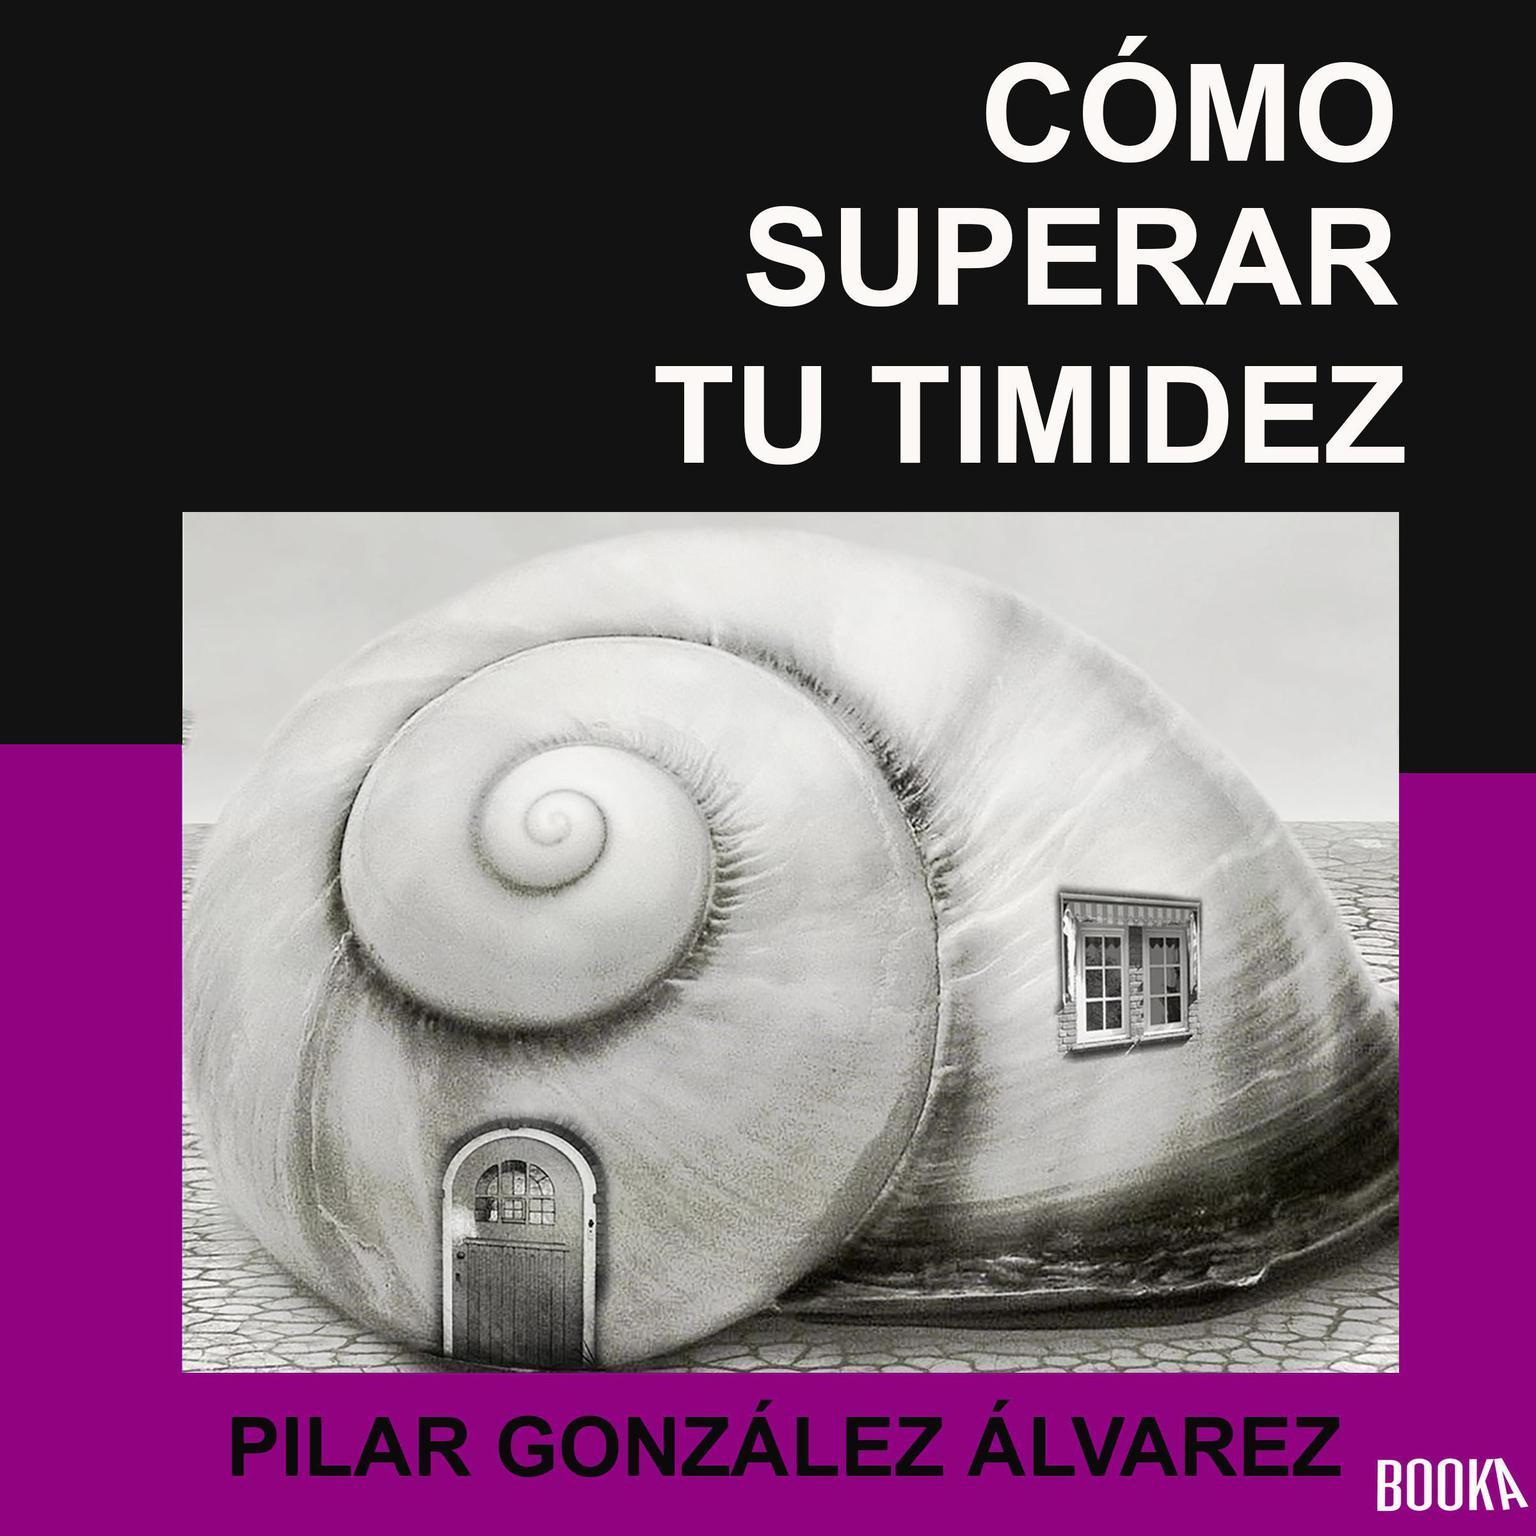 Como superar tu timidez: 7 CLAVES para lograr seguridad, autoestima y confianza Audiobook, by Pilar Gonzalez Alvarez